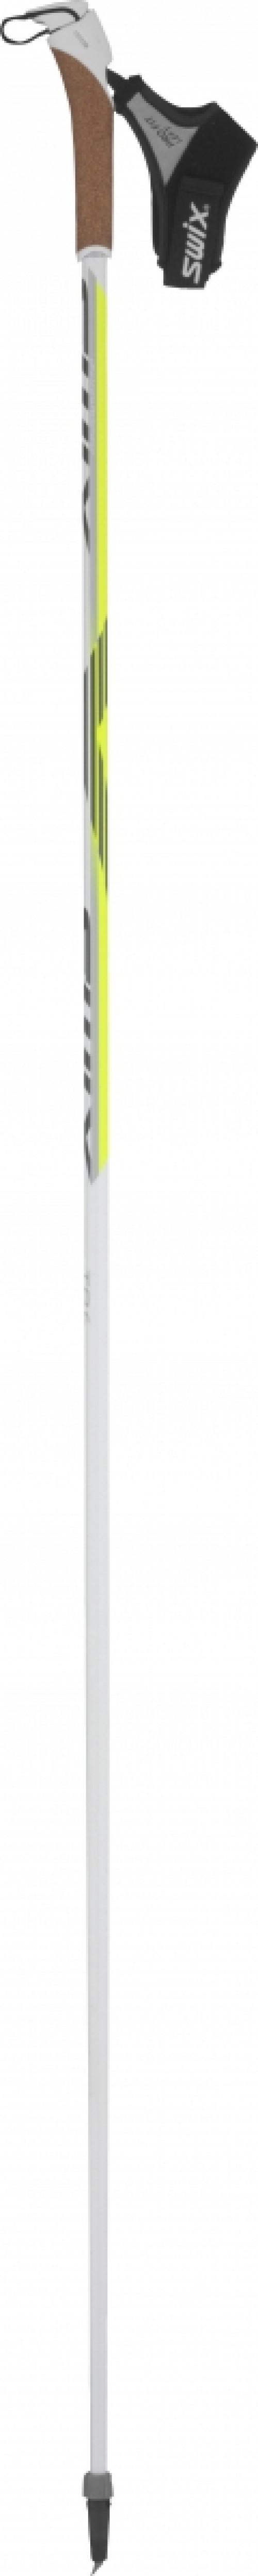 Swix R TBS Premium Composite